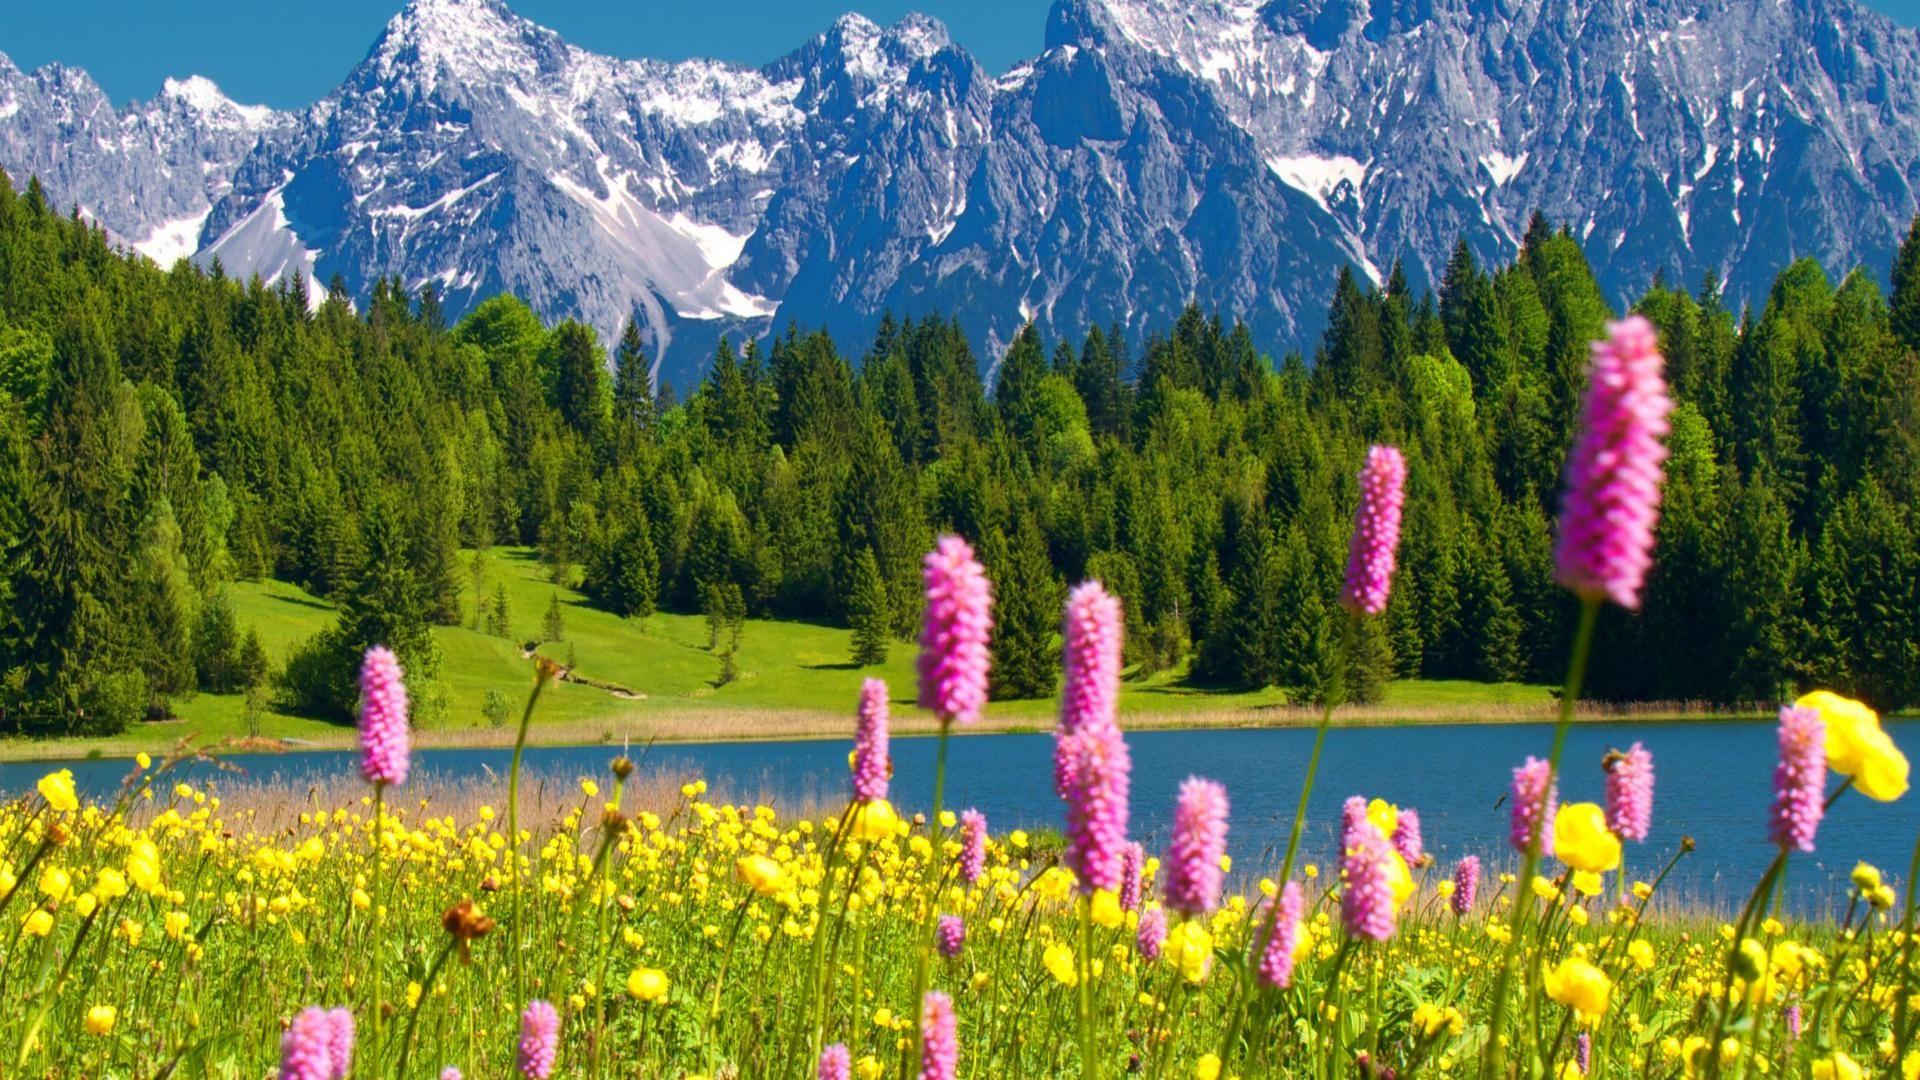 Good Wallpaper Mountain Flower - 80d55da3d5541c992b07b1d3d3f46654  Graphic_93861.jpg